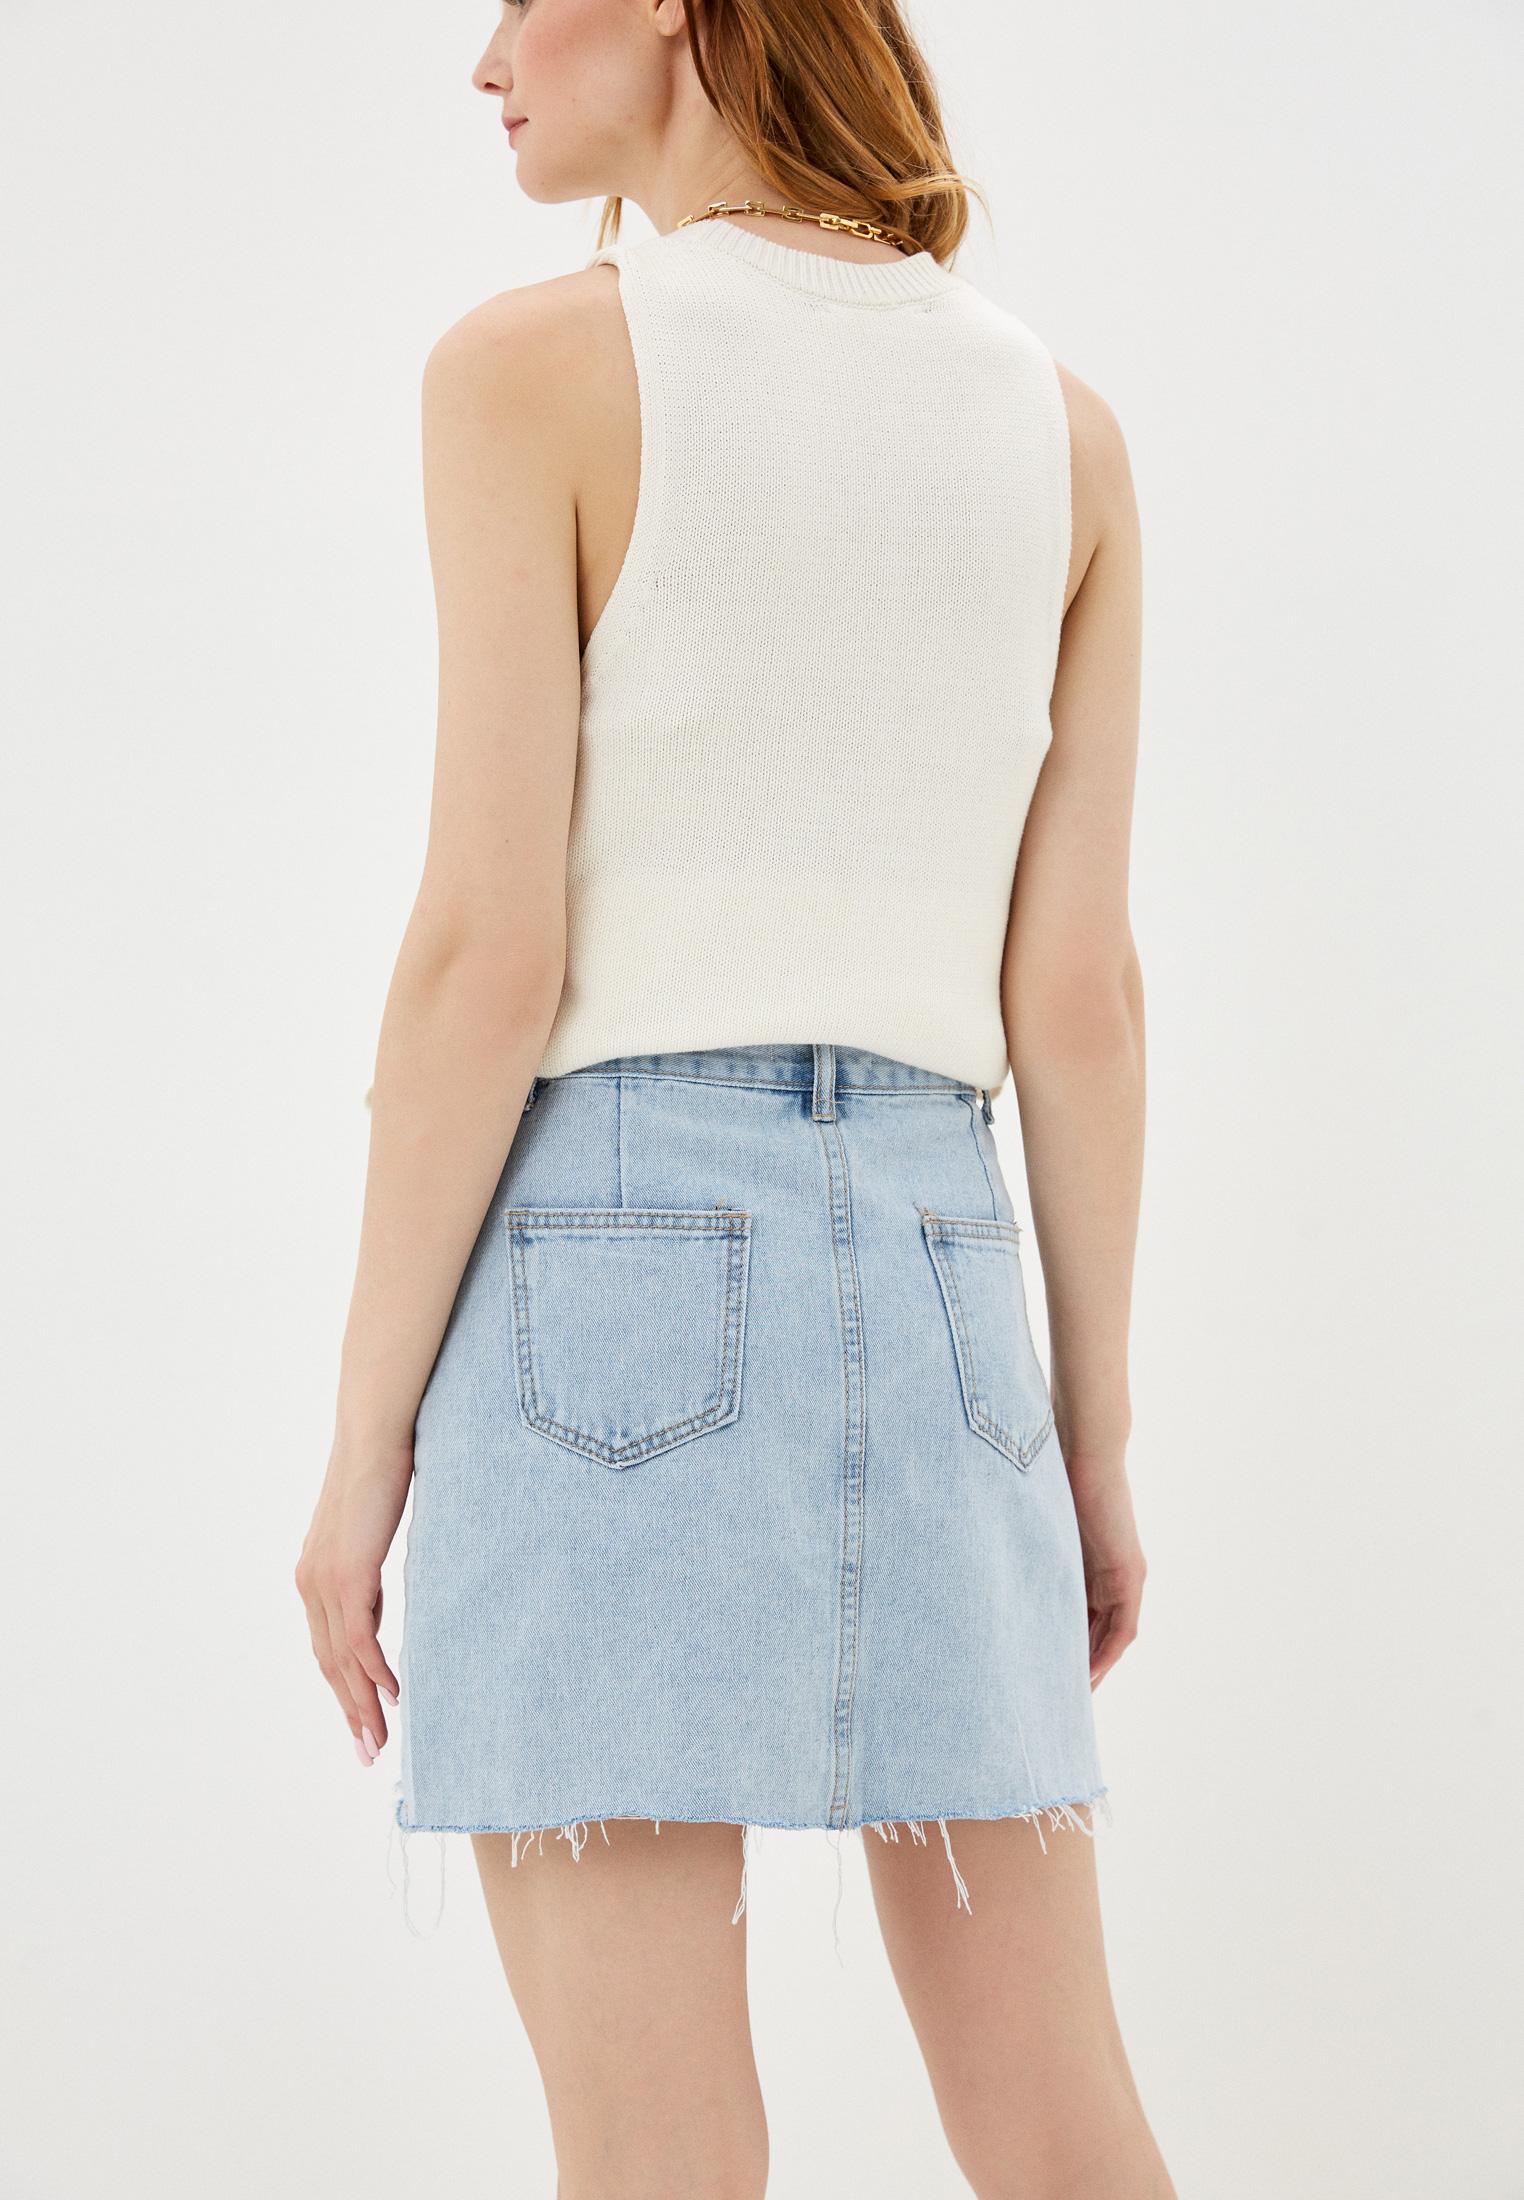 Джинсовая юбка Toku Tino TT8599372/: изображение 3